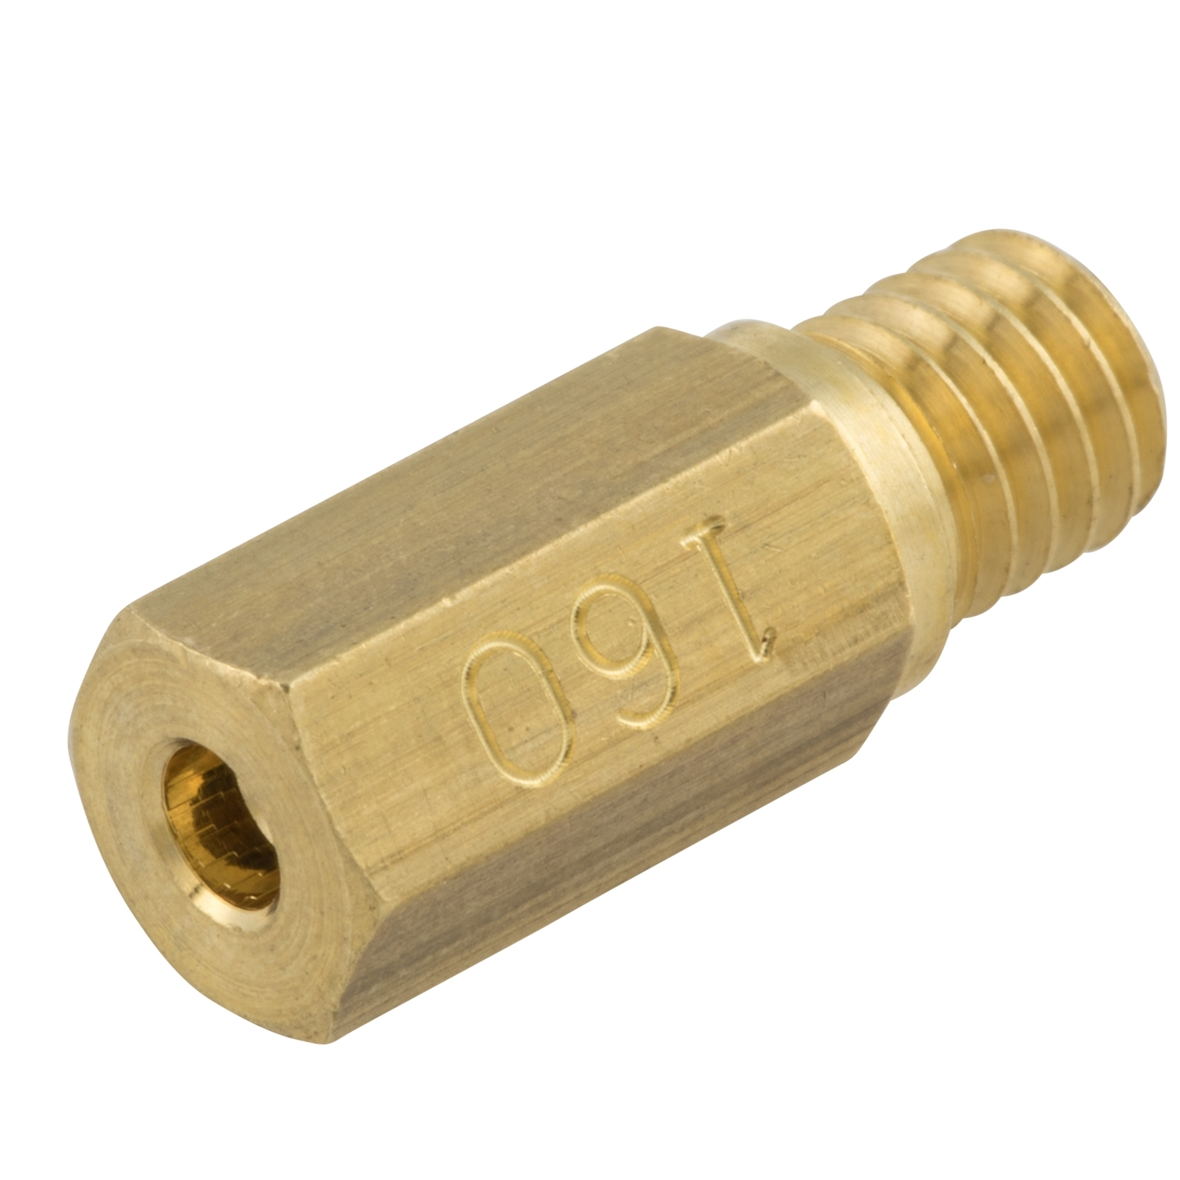 Image du produit 'Gicleur KMT 125 Ø 6 mm'